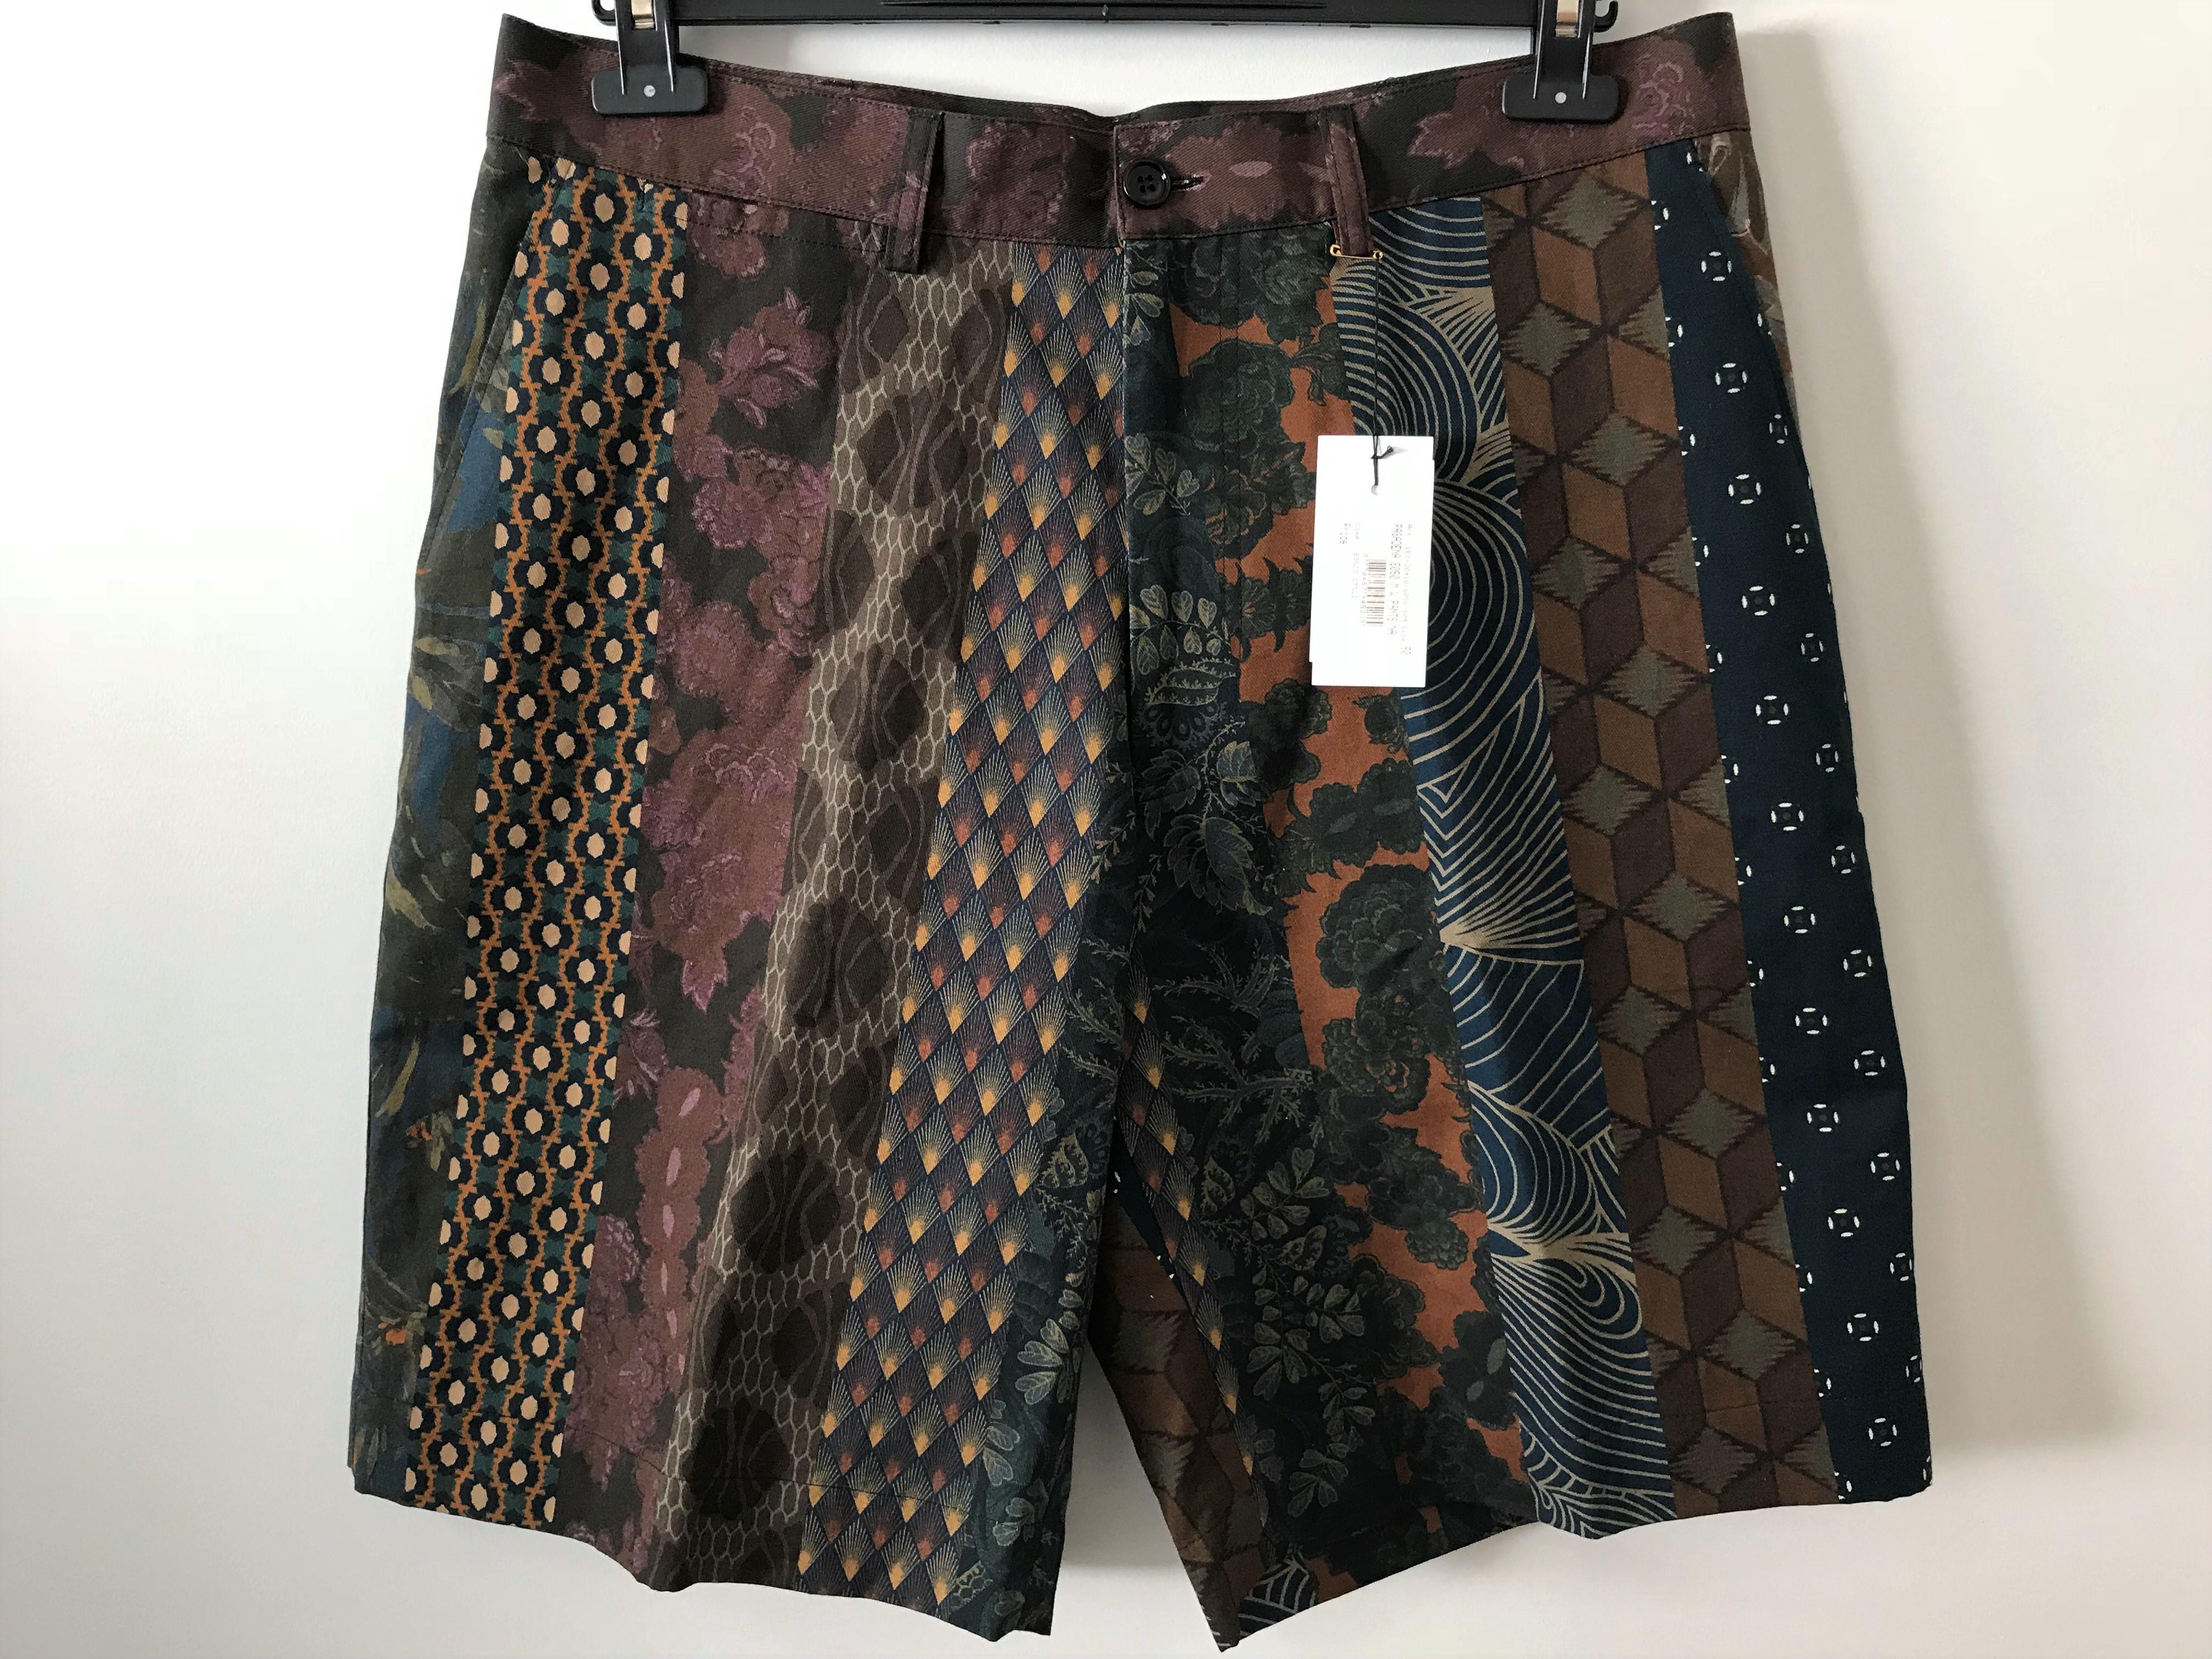 1aa44cb708 Dries Van Noten ×. EU50 - Pasadena Cotton / Linen Blend Patterned Shorts -  SS18. Size: US 34 ...